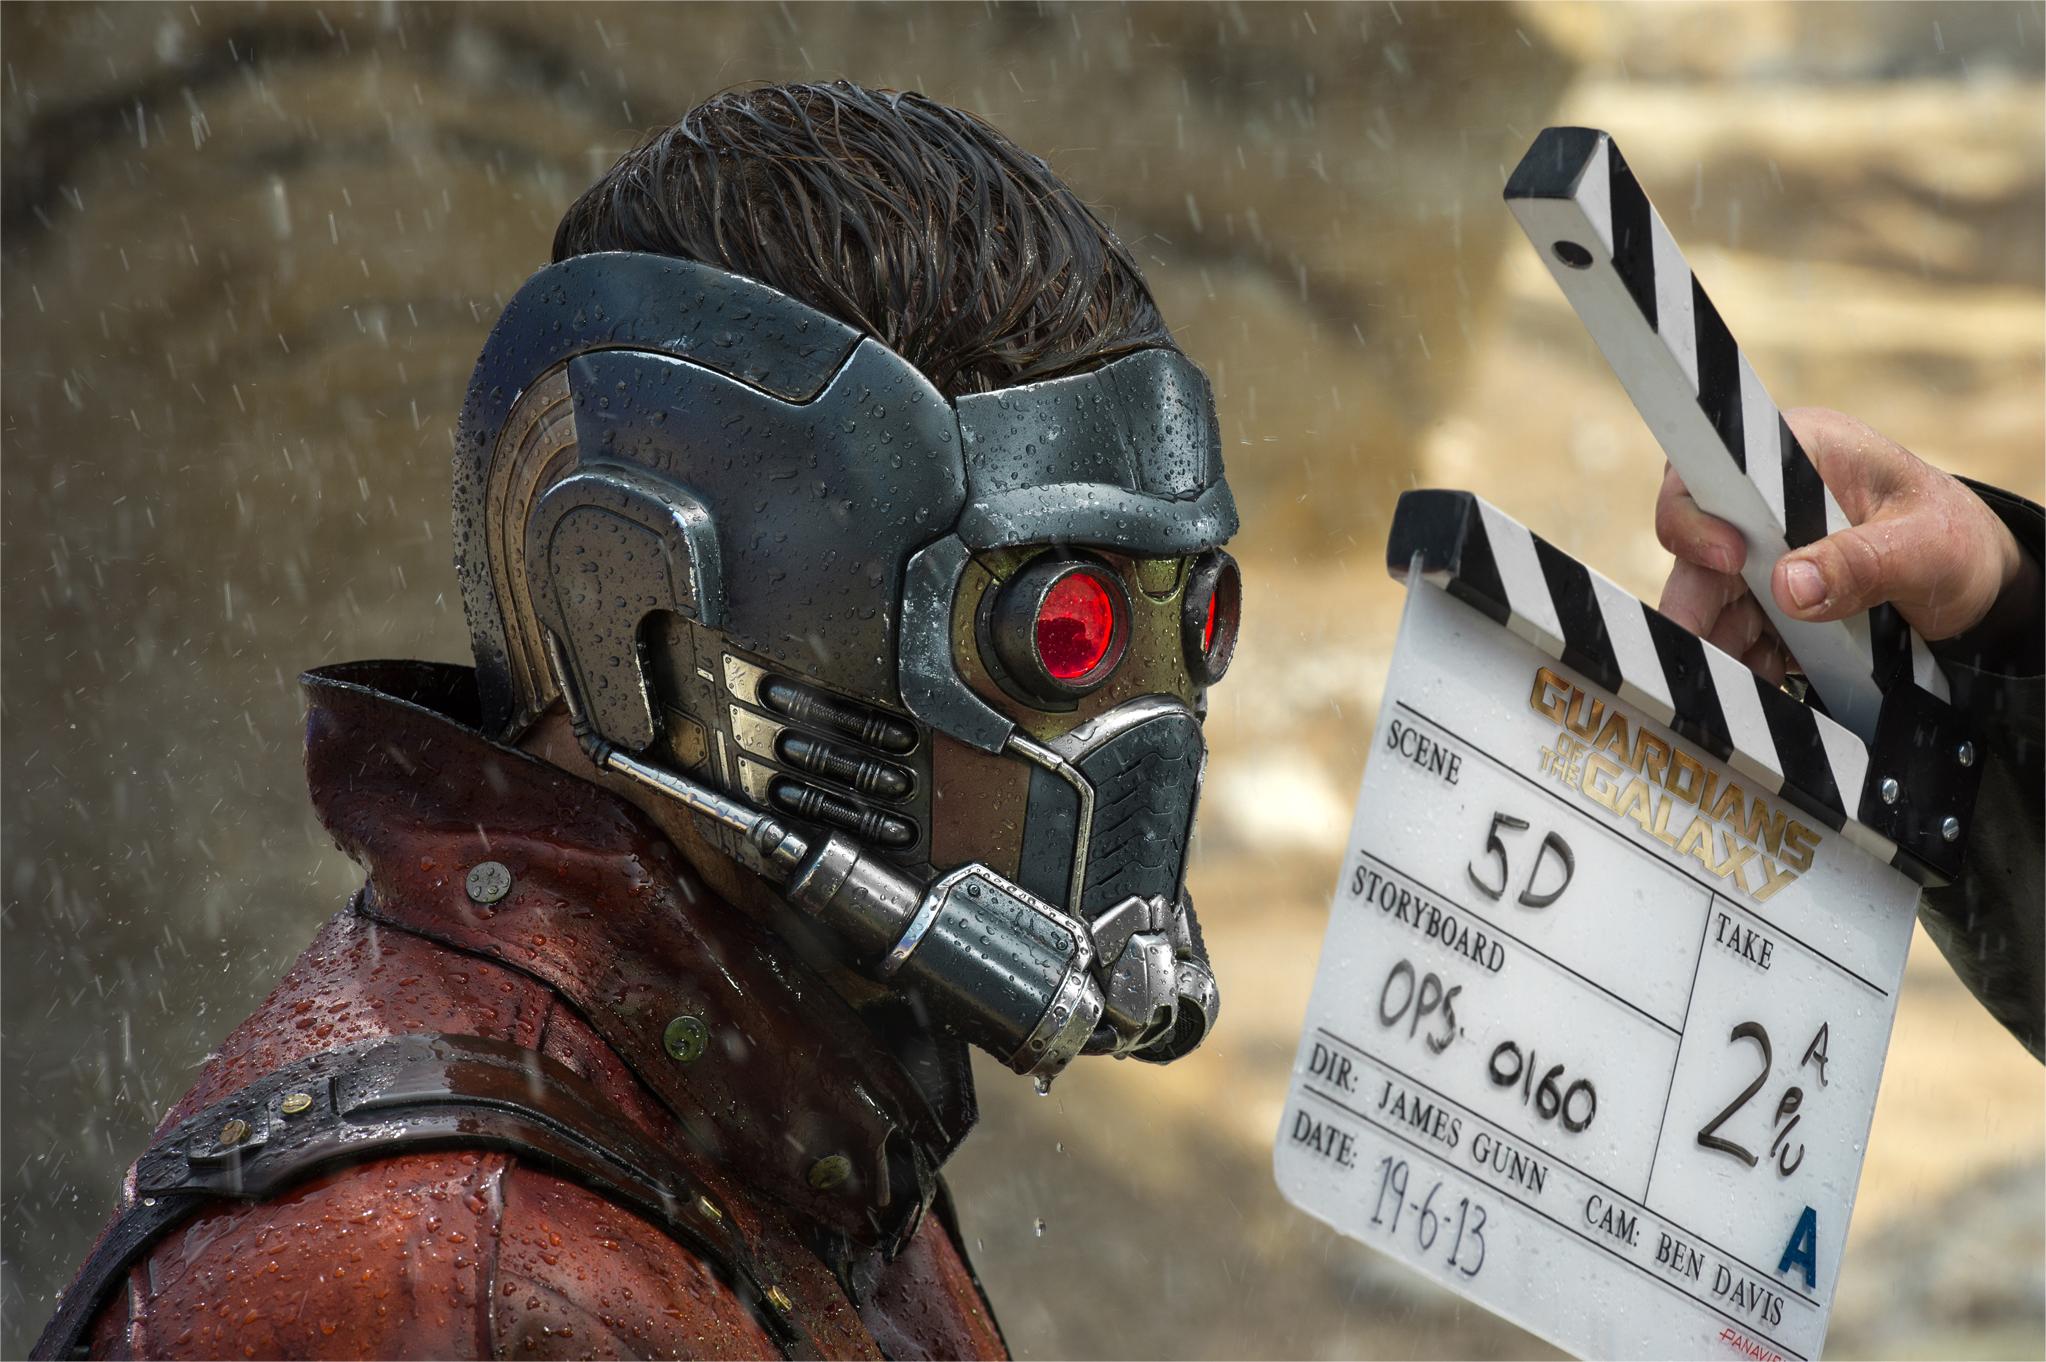 Guardians of the Galaxy 3 :「エンドゲーム」を観たファンの期待が大いに高まった「ガーディアンズ・オブ・ザ・ギャラクシー Vol.3」の撮影が予定よりも早く、前倒しされるかもしれない見込みが伝えられた ! !